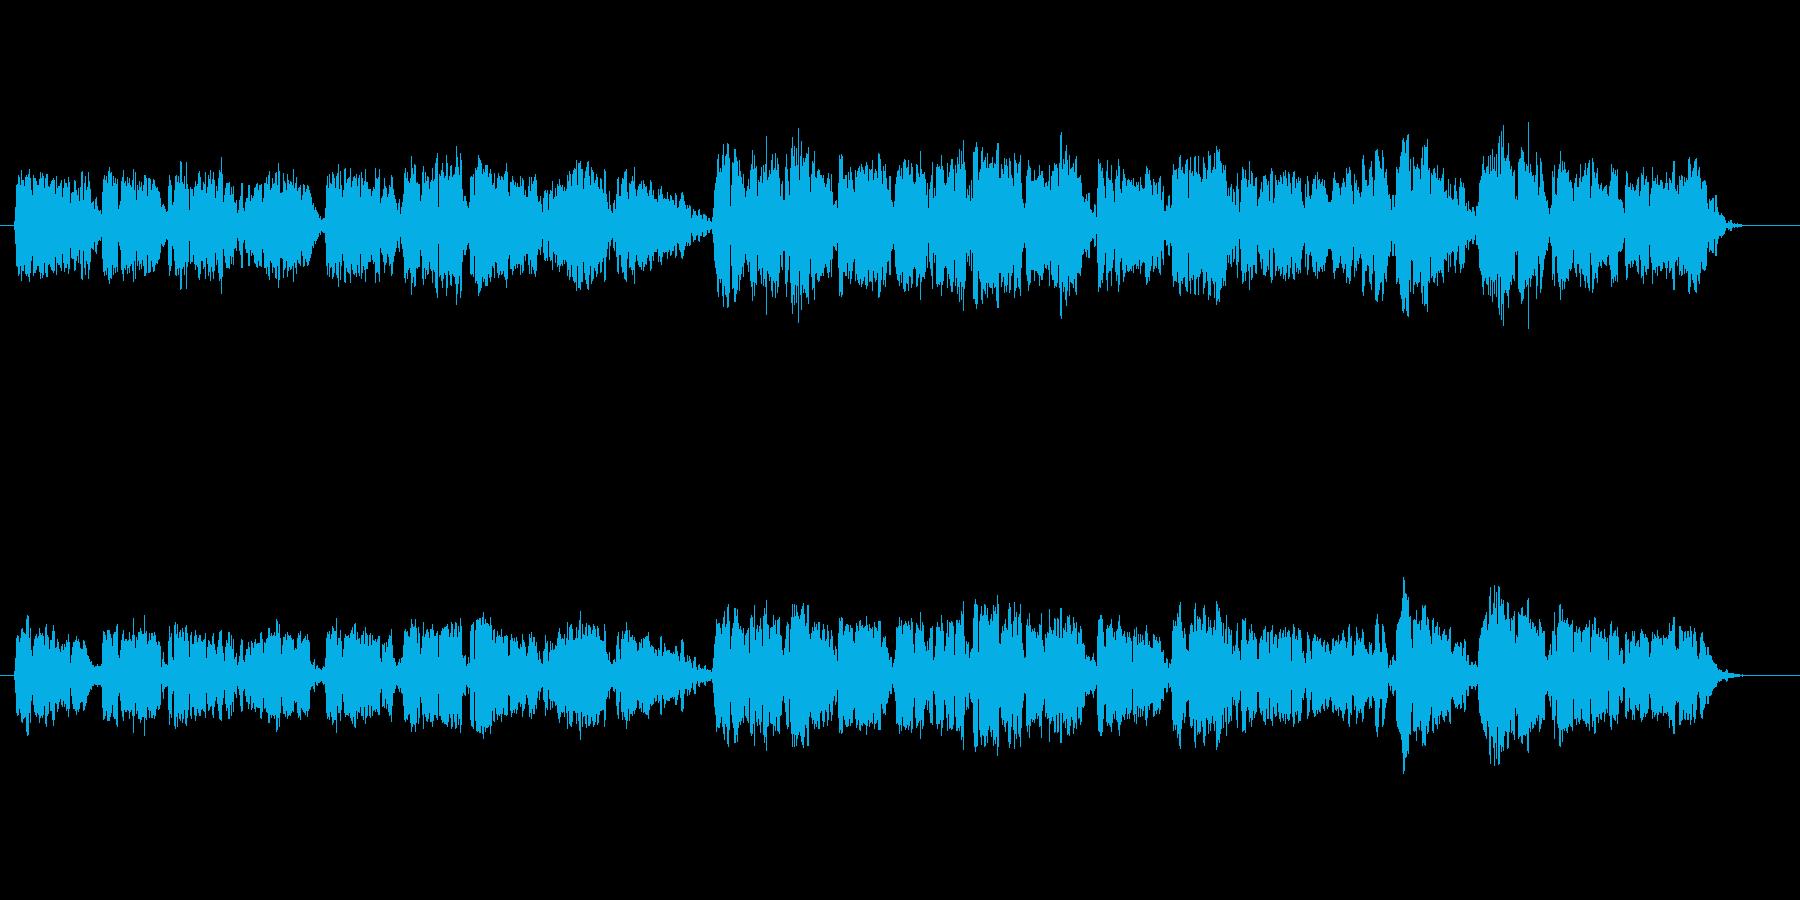 オーボエの音色が壮大な癒しミュージックの再生済みの波形